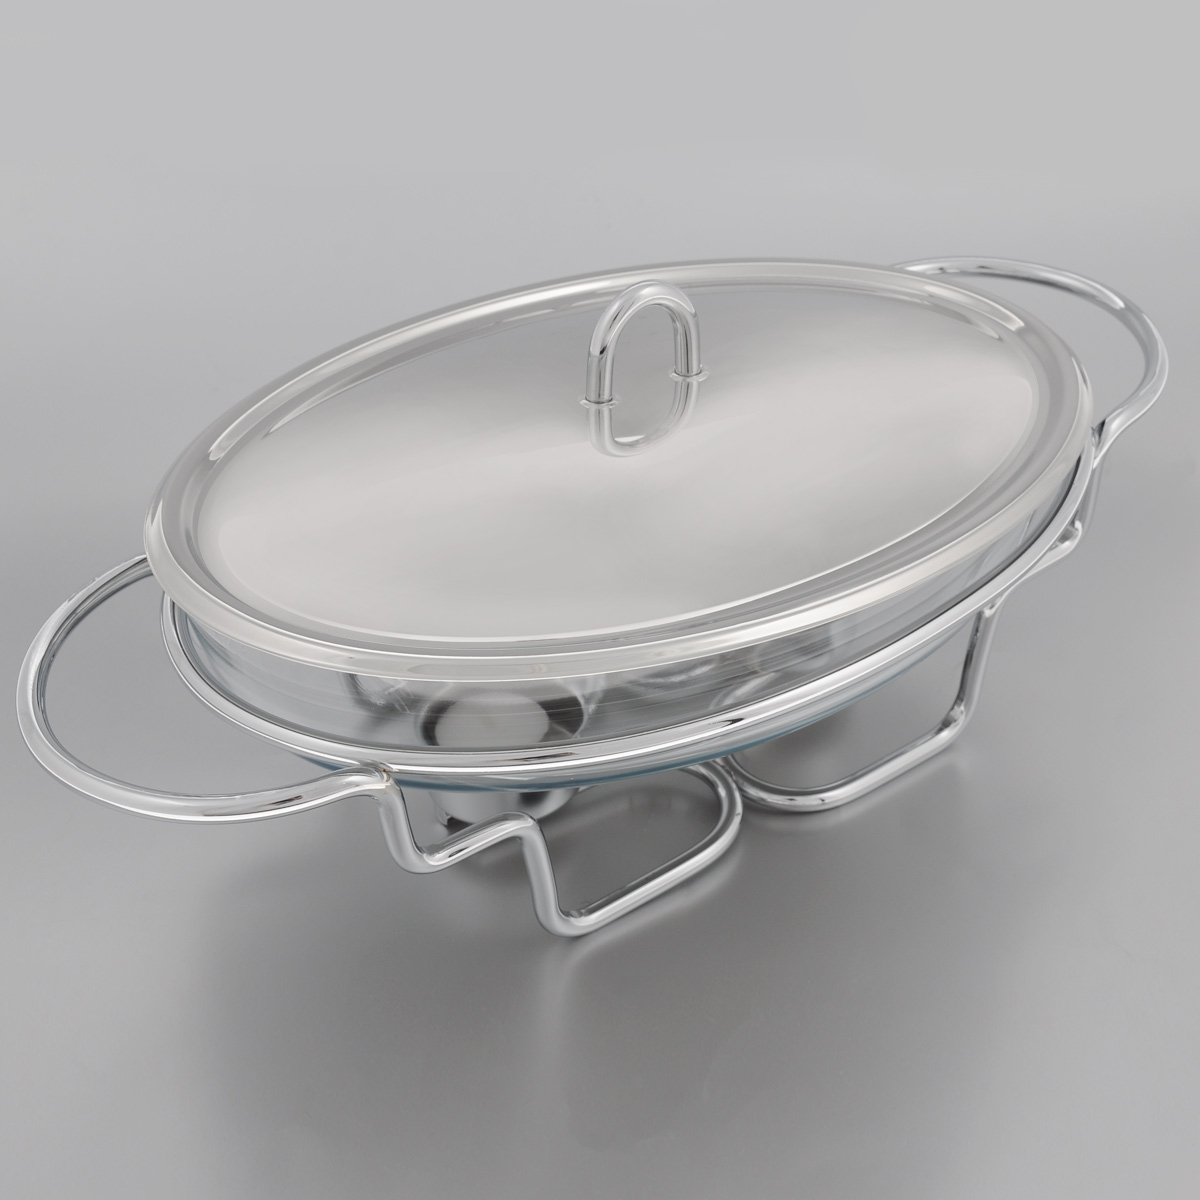 Мармит Mayer & Boch, с подогревом, 2 л115510Мармит Mayer & Boch, изготовленный из стекла и нержавеющей стали, позволит вам довольно длительное время сохранять температуру блюда и создаст романтическую обстановку. Мармит предназначен для приготовления блюд в духовке и микроволновой печи. Благодаря красивому дизайну мармит можно сразу подавать на стол, не перекладывая блюдо на сервировочные тарелки. Его действие основано на принципе водяной бани. Под емкостью установлено 2 свечи (входят в комплект), которые, в свою очередь, нагревают продукты. Таким образом, данное кухонное приспособление - превосходный способ не дать блюду остыть. При этом пища не пригорает, не пересыхает, сохраняет все свои питательные и вкусовые качества. Стеклянное блюдо можно использовать в микроволновой печи и духовке. Можно мыть в посудомоечной машине и ставить в холодильник. Размер блюда (по верхнему краю): 30 х 21 см.Ширина мармита (с учетом ручек): 42 см.Высота мармита: 11 см.Диаметр свечи: 3,7 см.